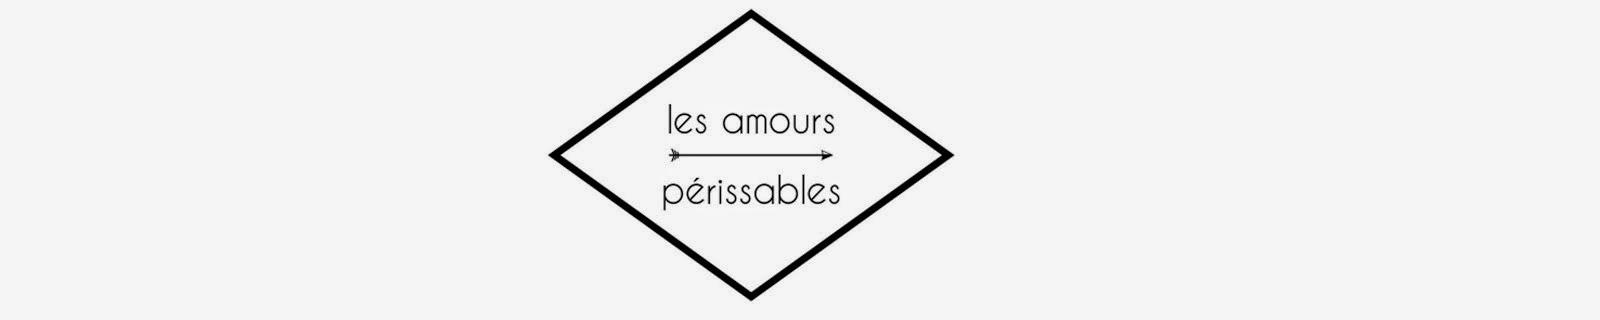 LES AMOURS PERISSABLES